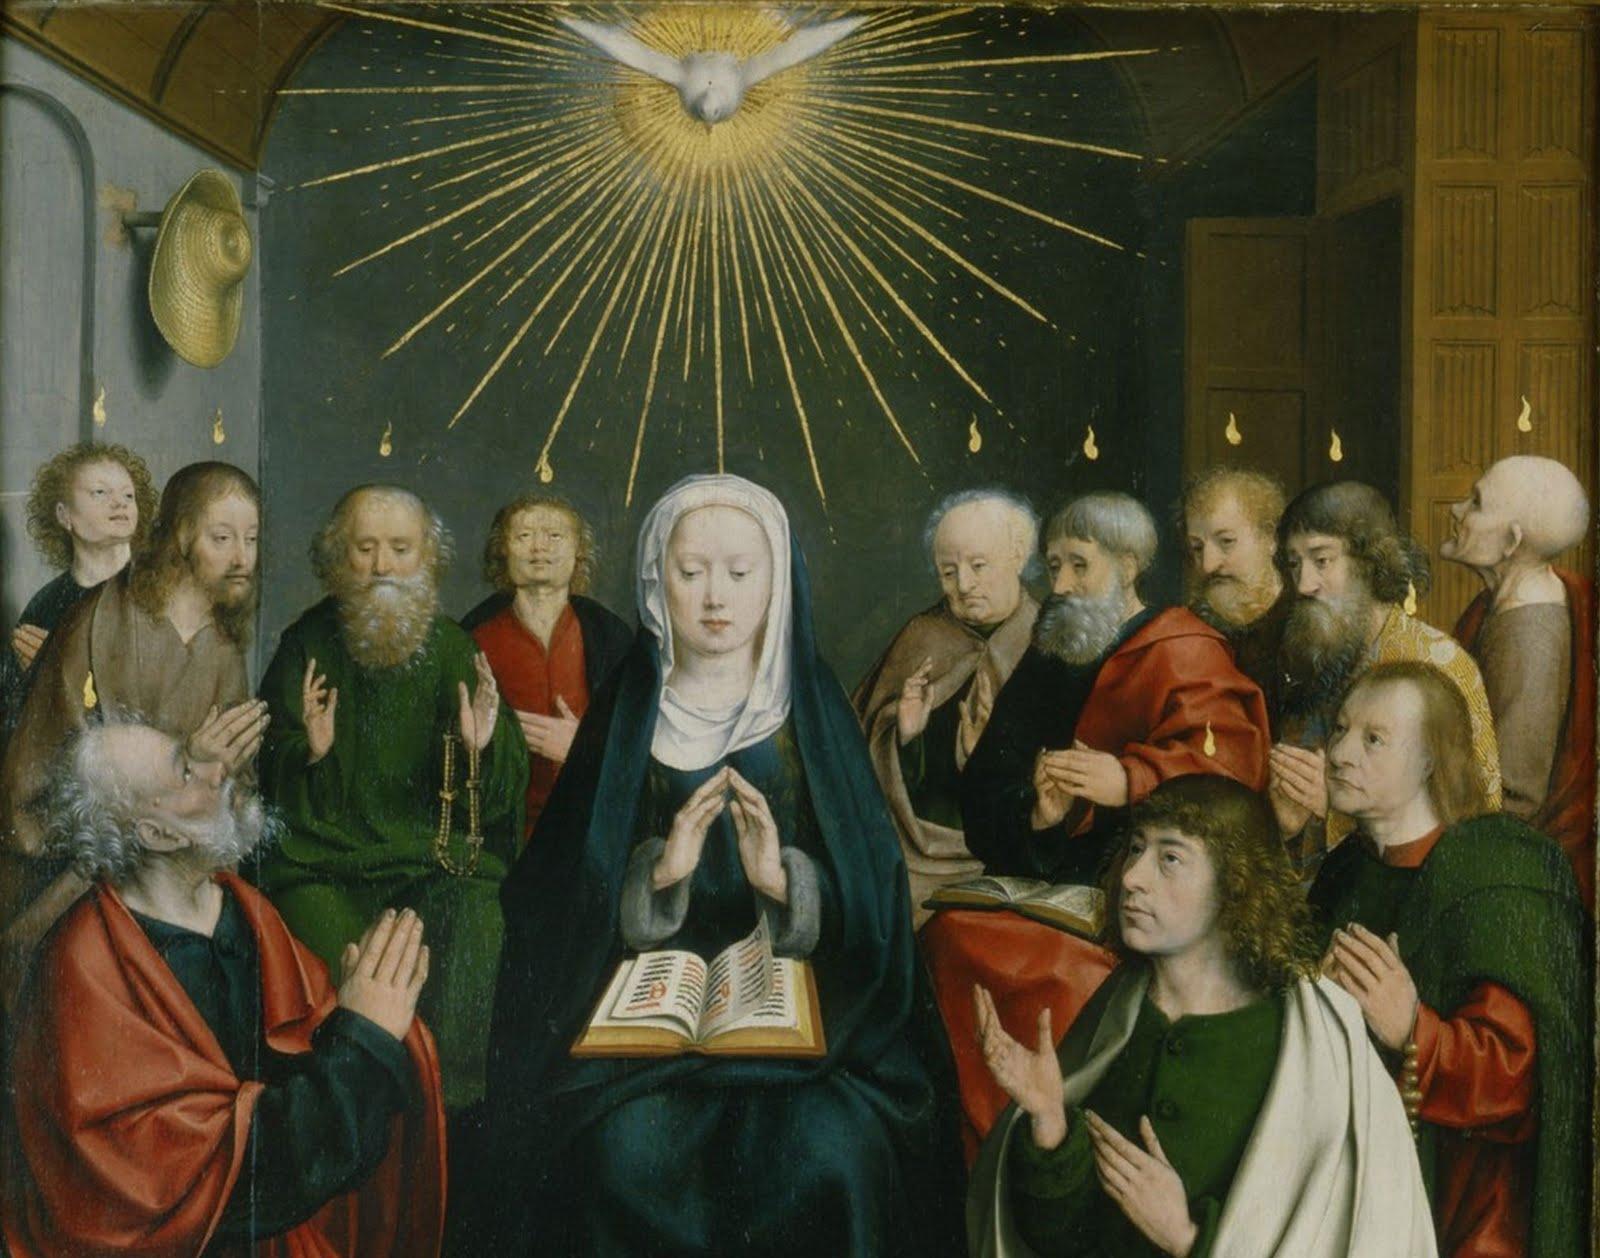 Jan Joest van Kalkar - Pentekost detail